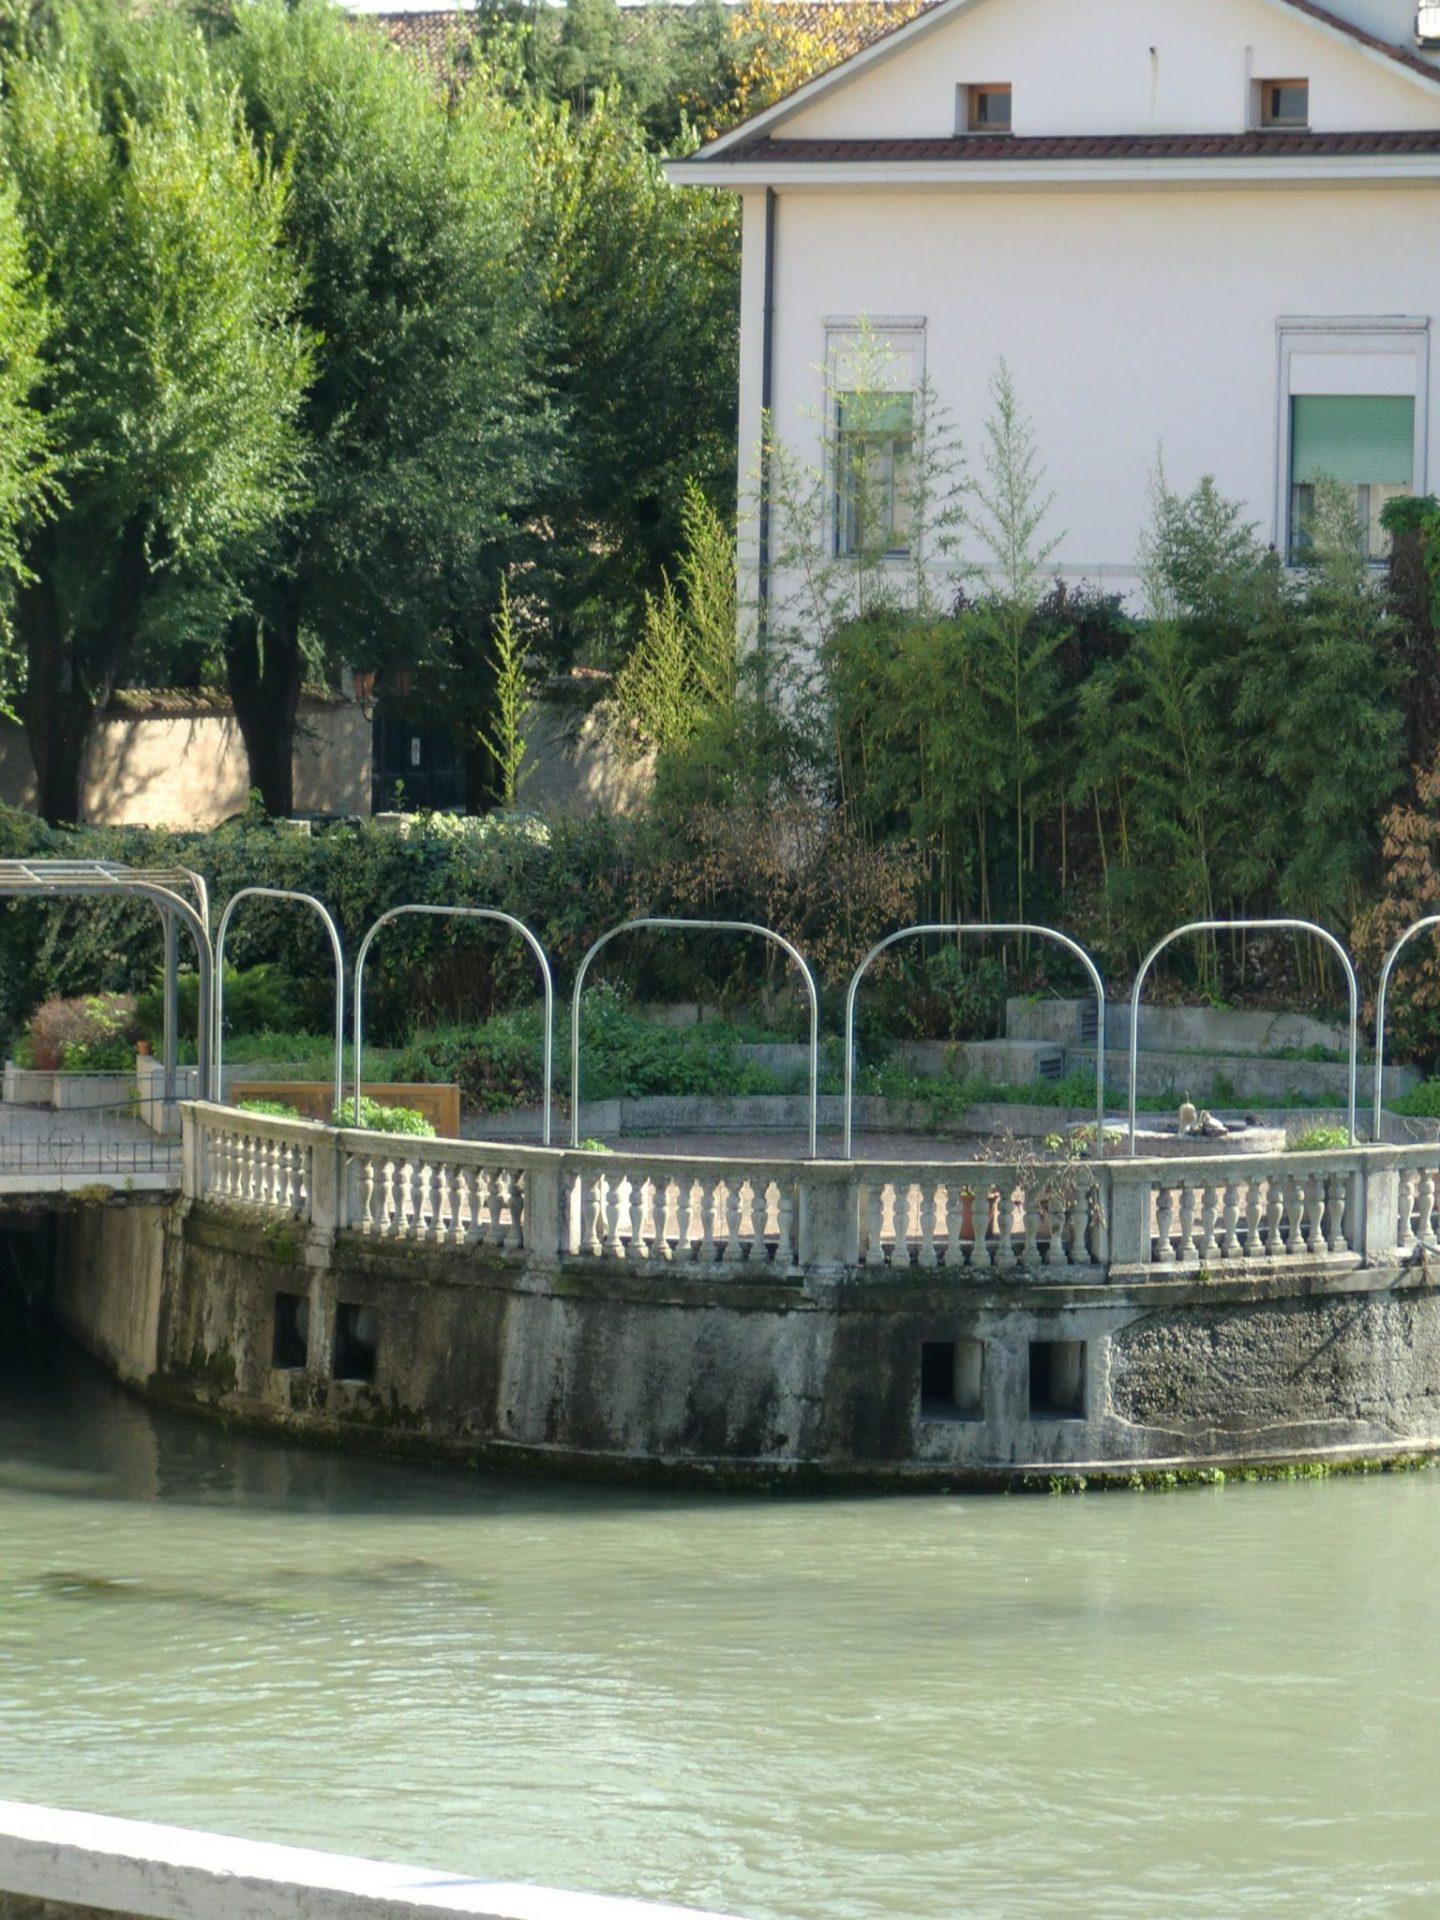 Treviso parco 6 1440x1920 - Treviso: Italian beauty